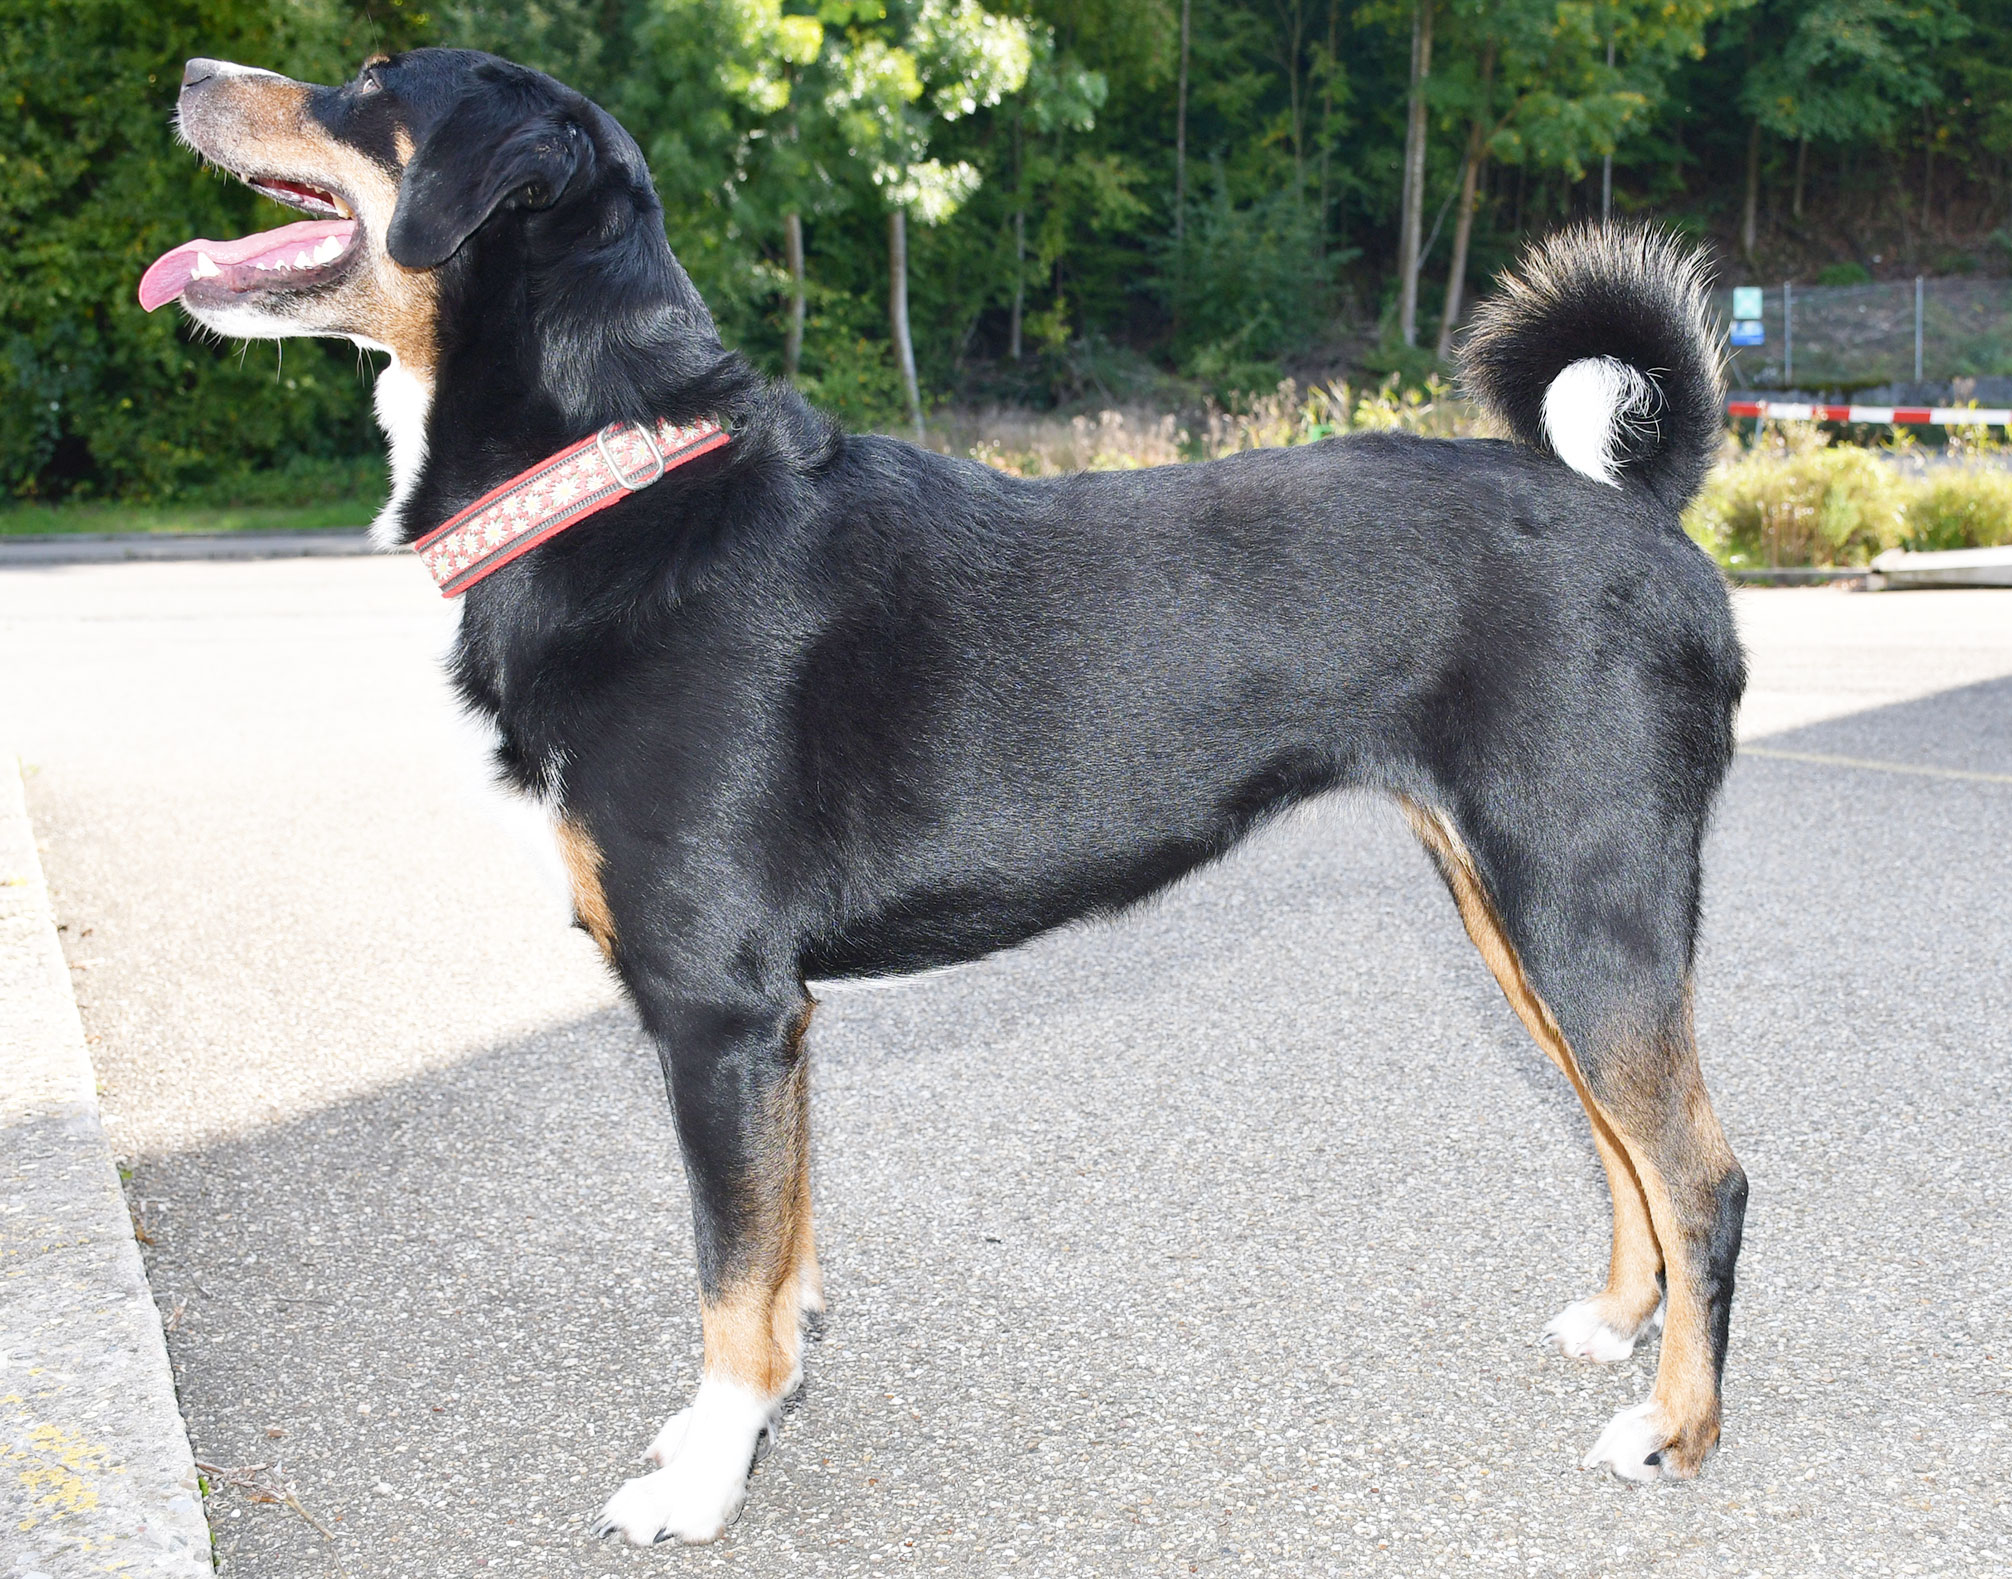 Hund, stehend, von der Seite aufgenommen, von beiden Seiten. Die Rute darf aufgerollt getragen werden.